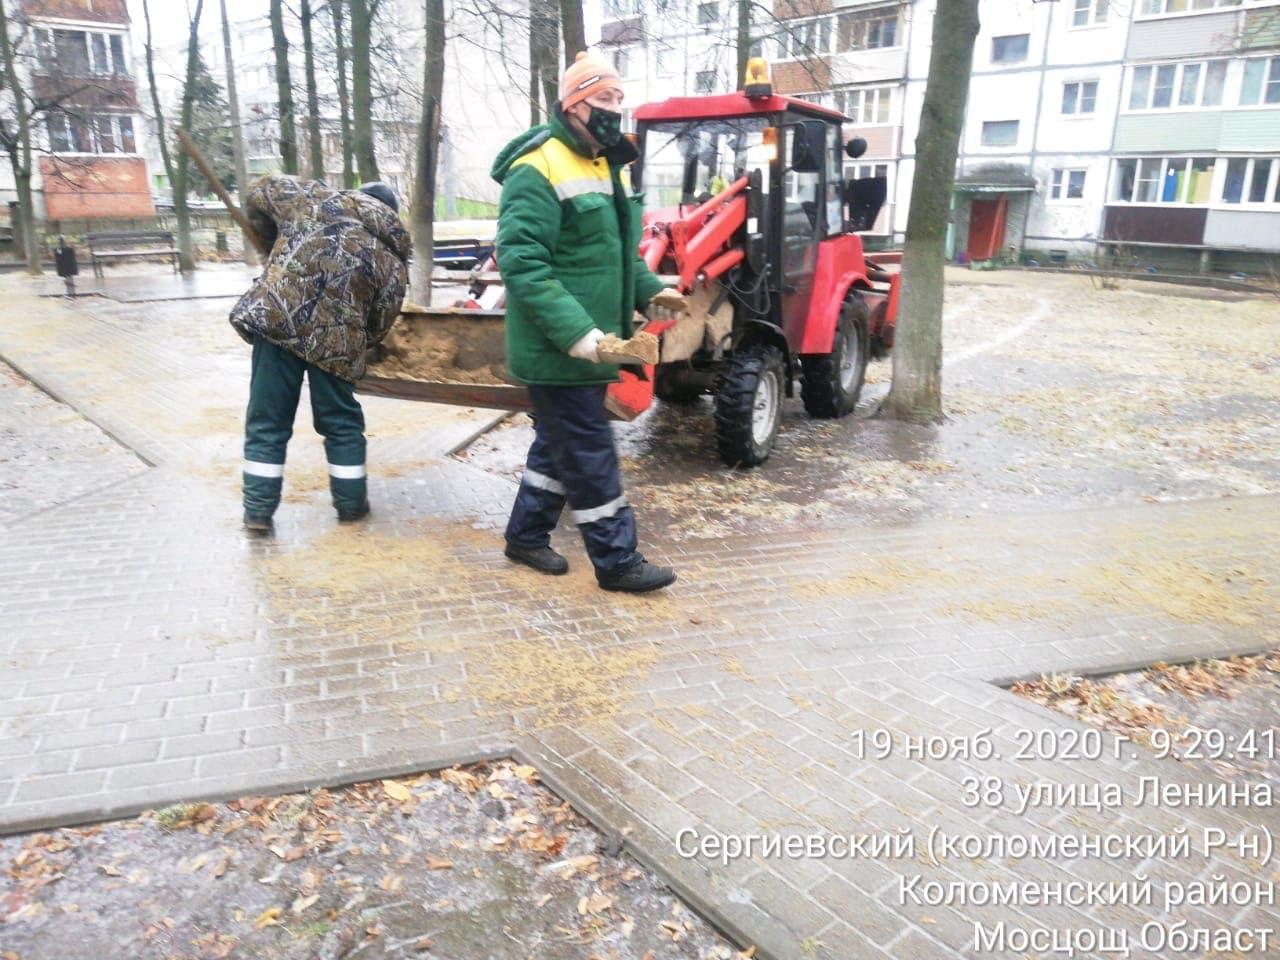 Противогололёдную обработку общественных территорий ведут сотрудники МБУ «Коломенское благоустройство»